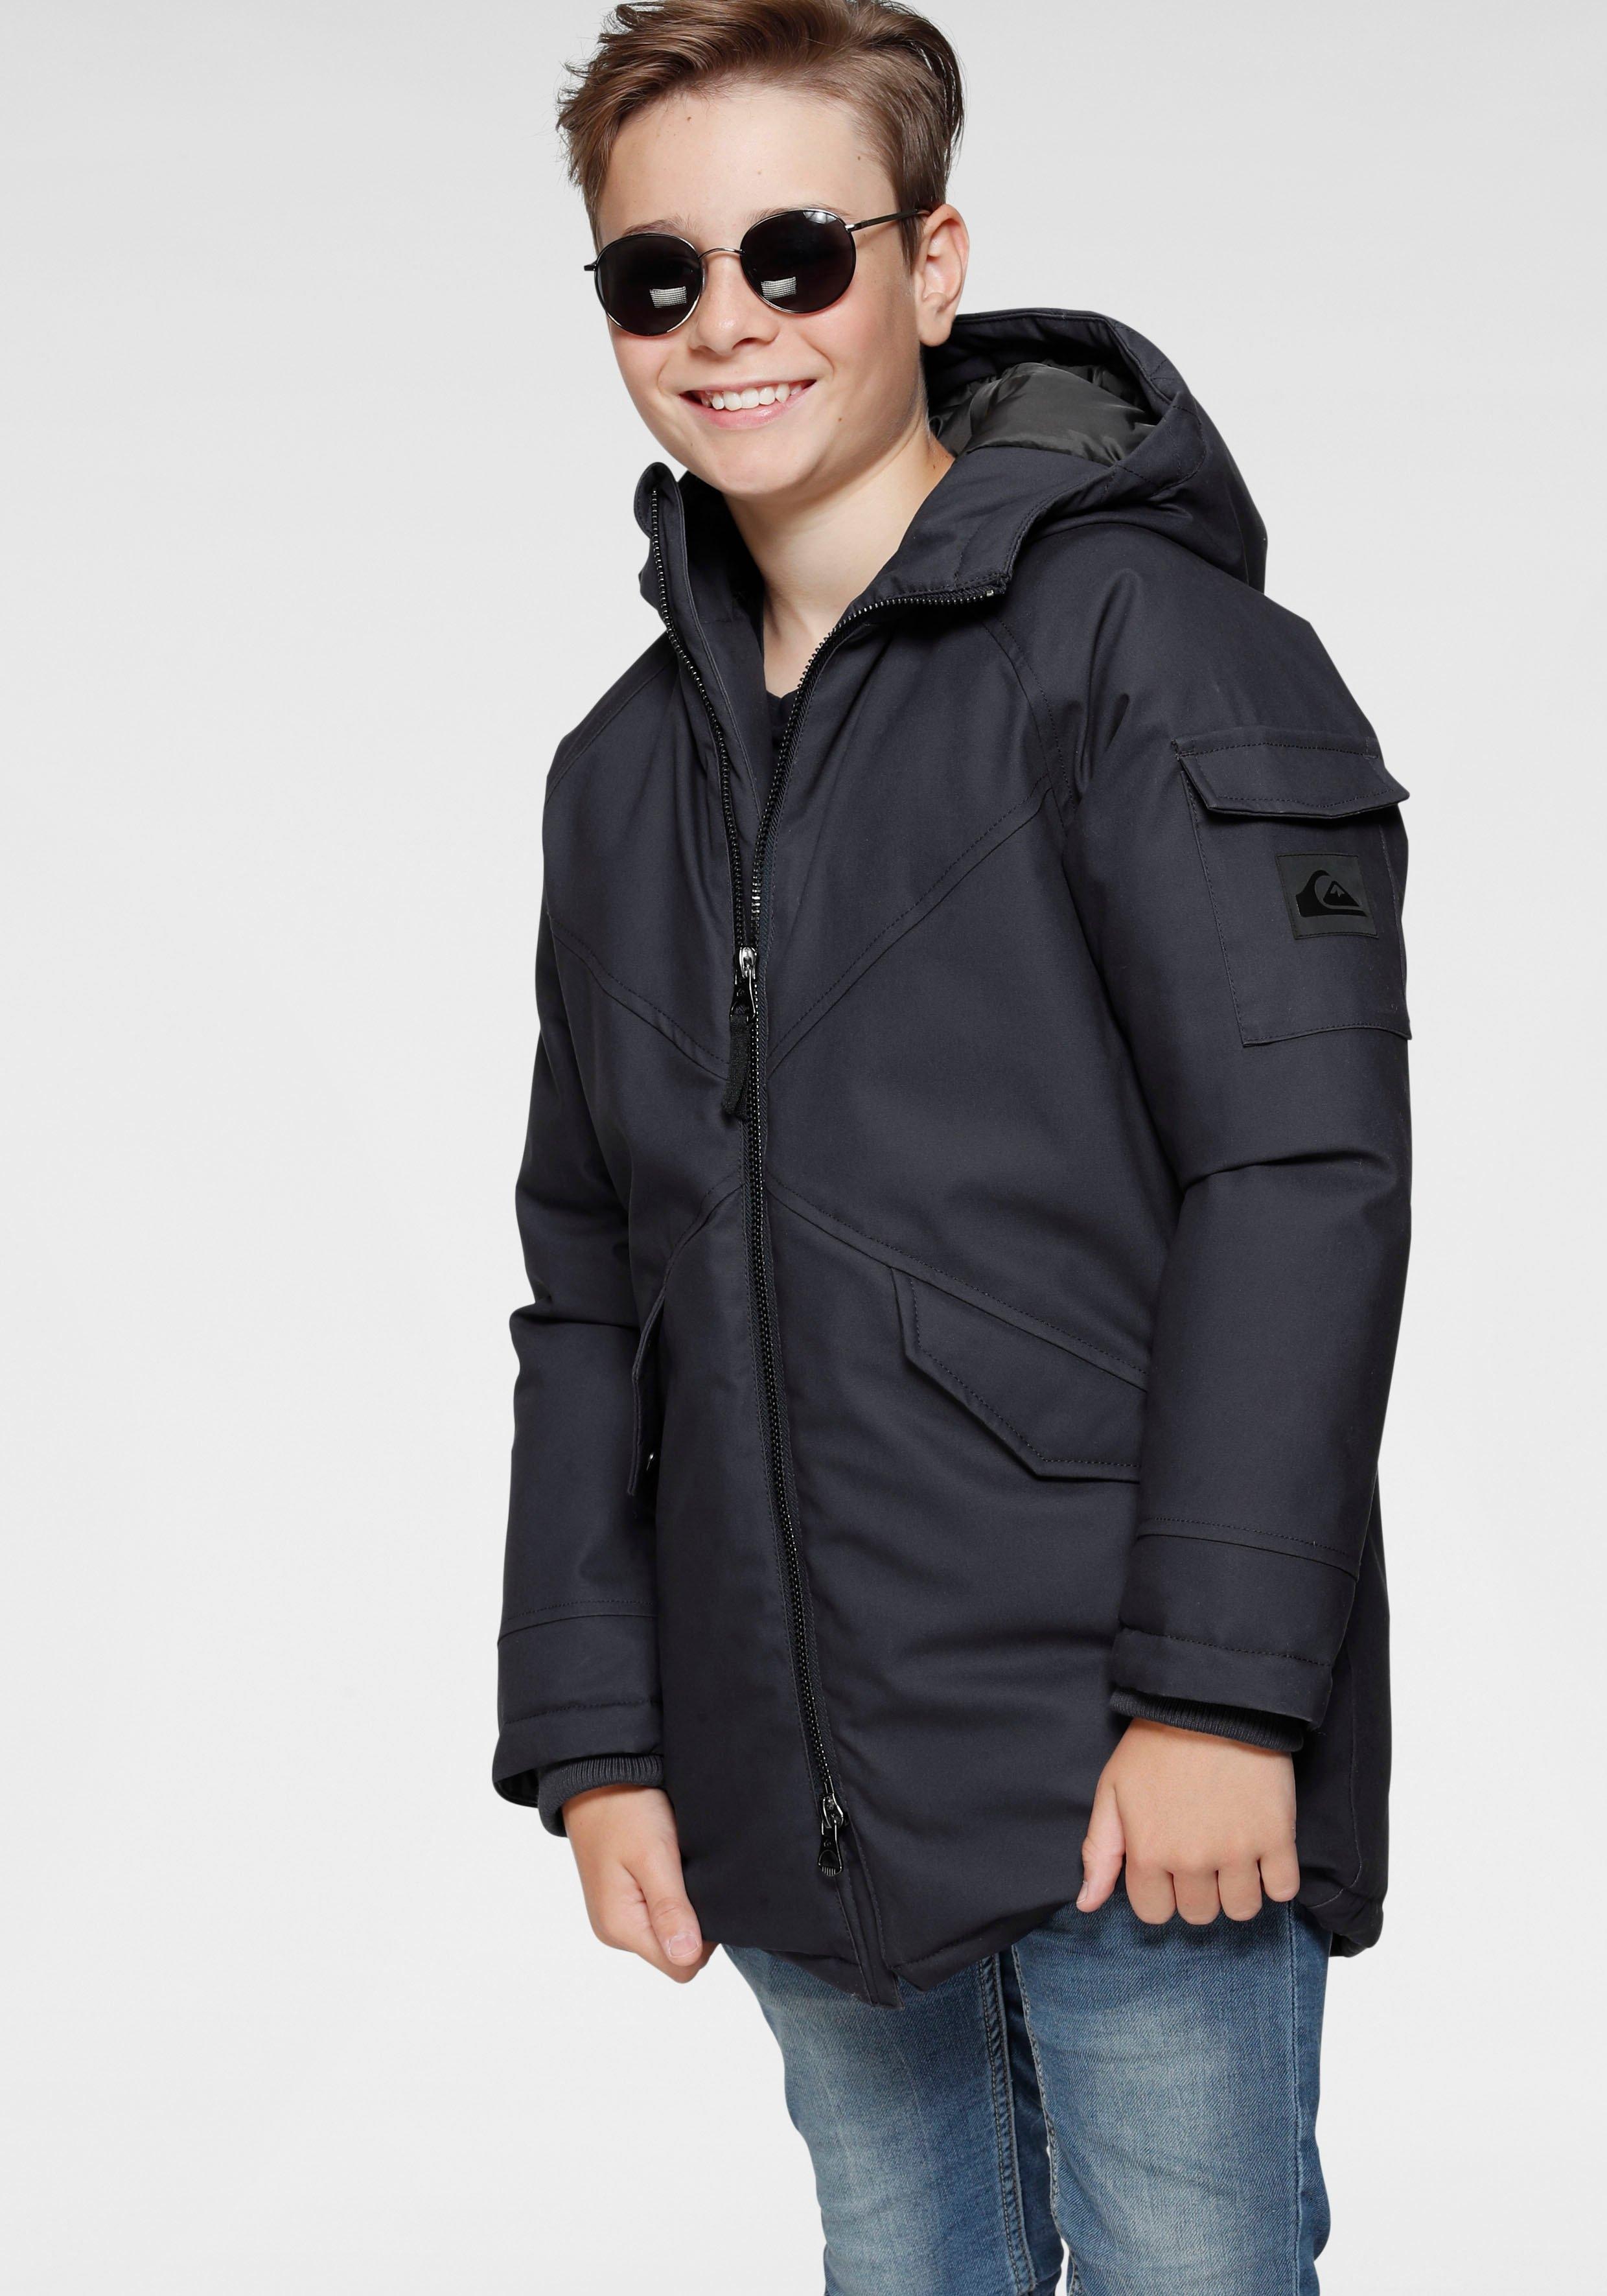 Quiksilver winterjack »KAYAPA YOUTH« nu online kopen bij OTTO